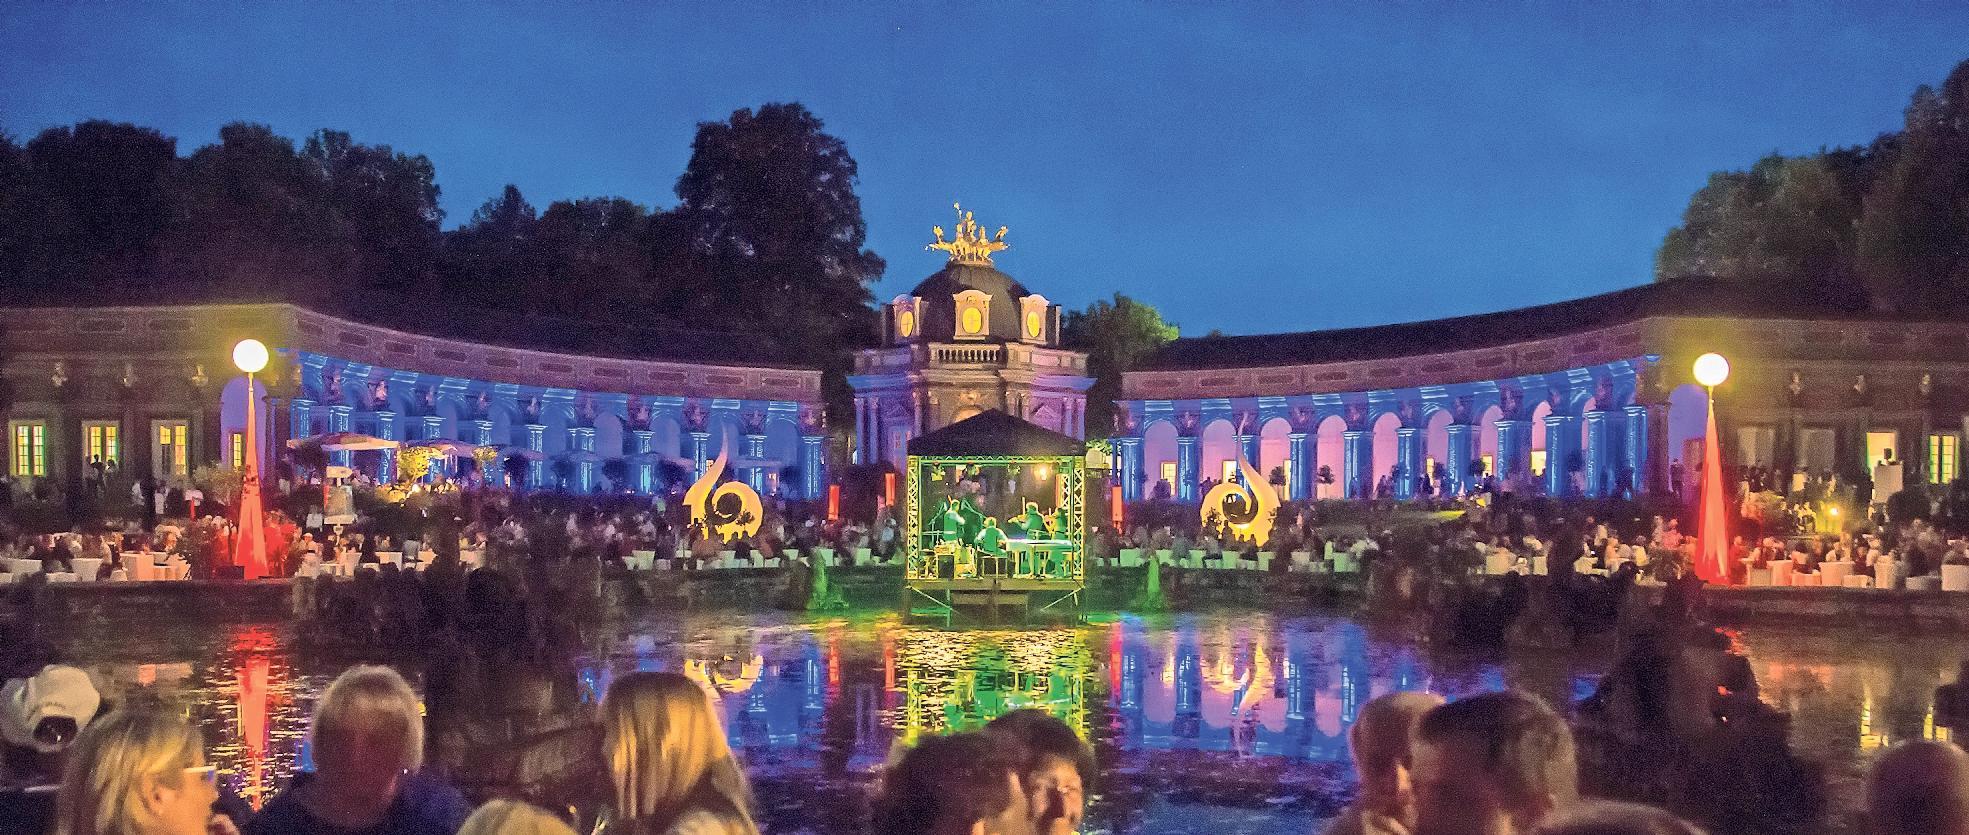 Am Samstag ab 19 Uhr spielt auf der Bühne an der Orangerie die Matthias Witt Band. Nach Einbruch der Dunkelheit herrscht dort stimmungsvolles Ambiente. Foto: Andreas Harbach